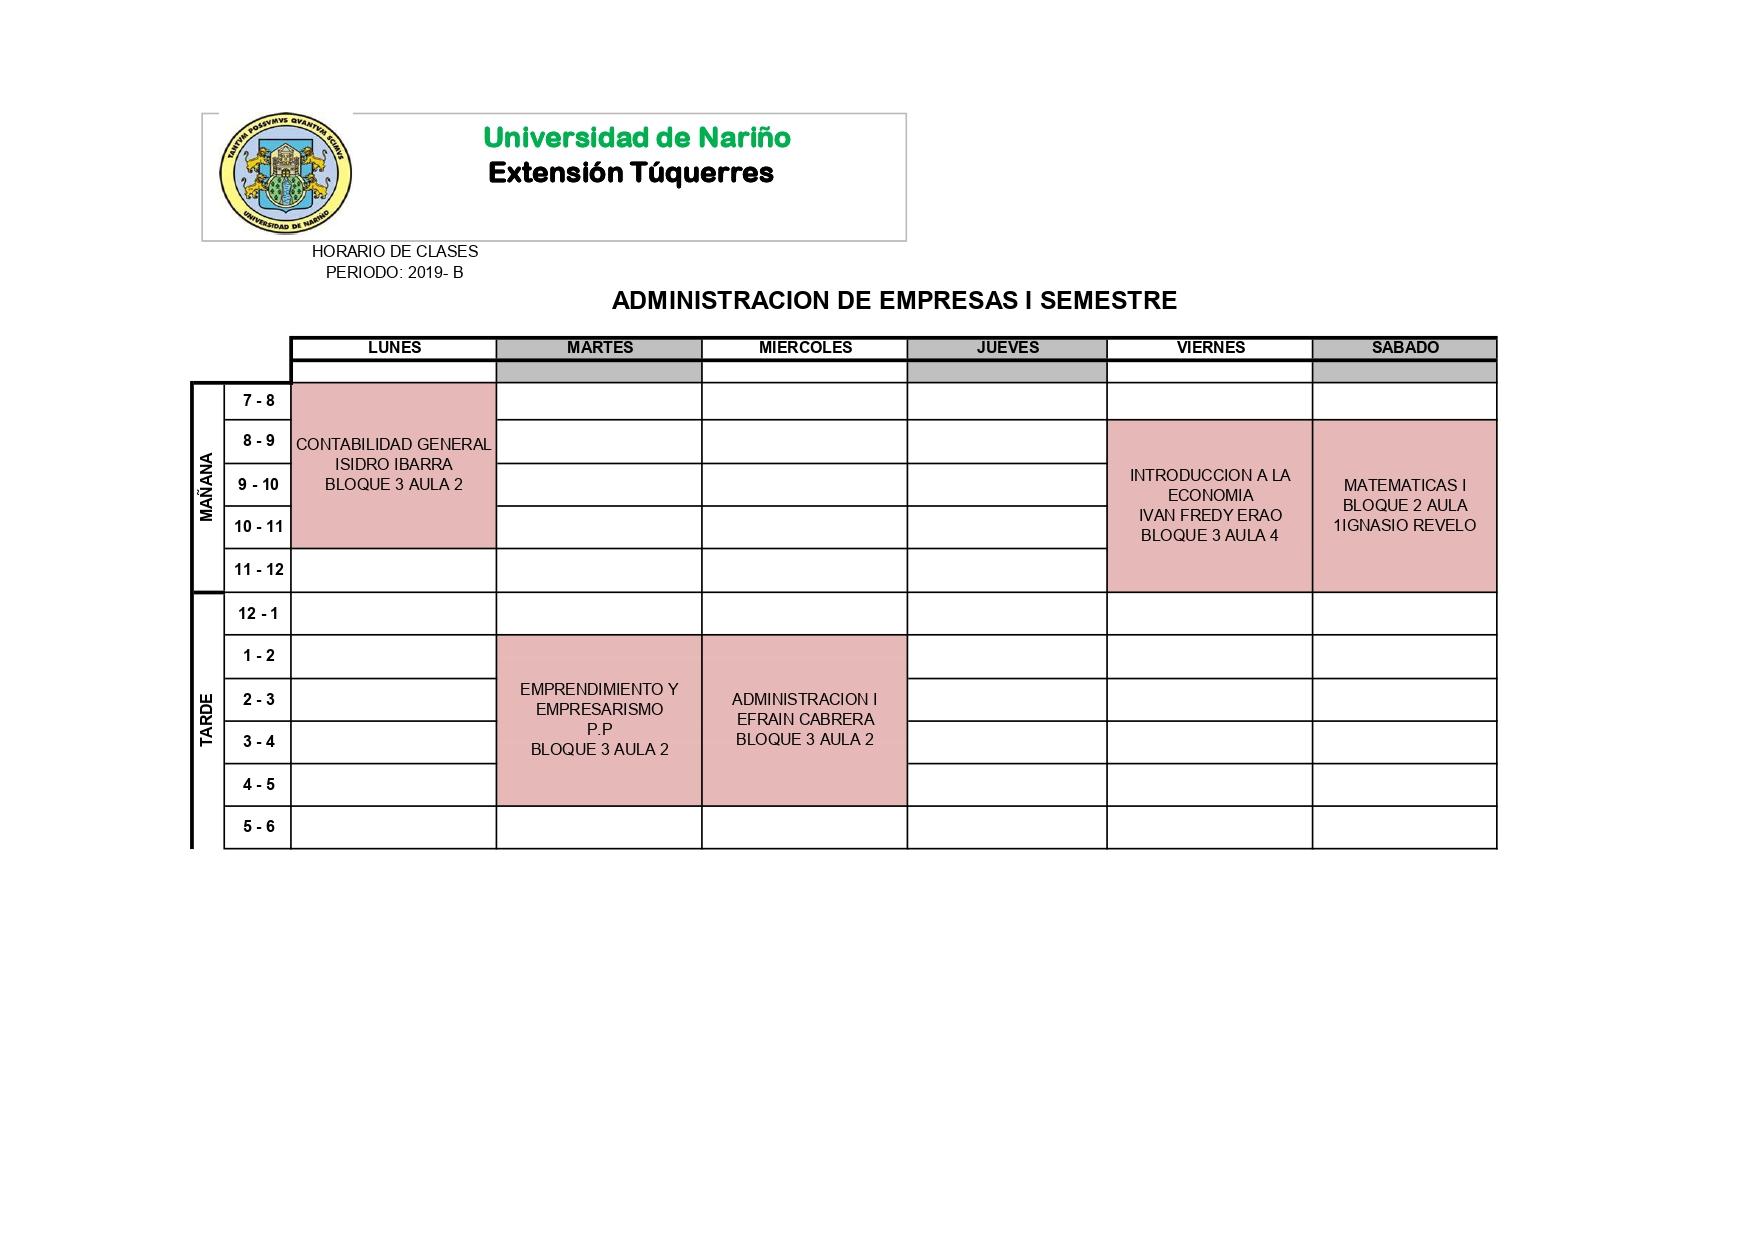 Proyecccion Horarios B - 2019 ADMON EMPRESAS I SEMESTRE_page-0001